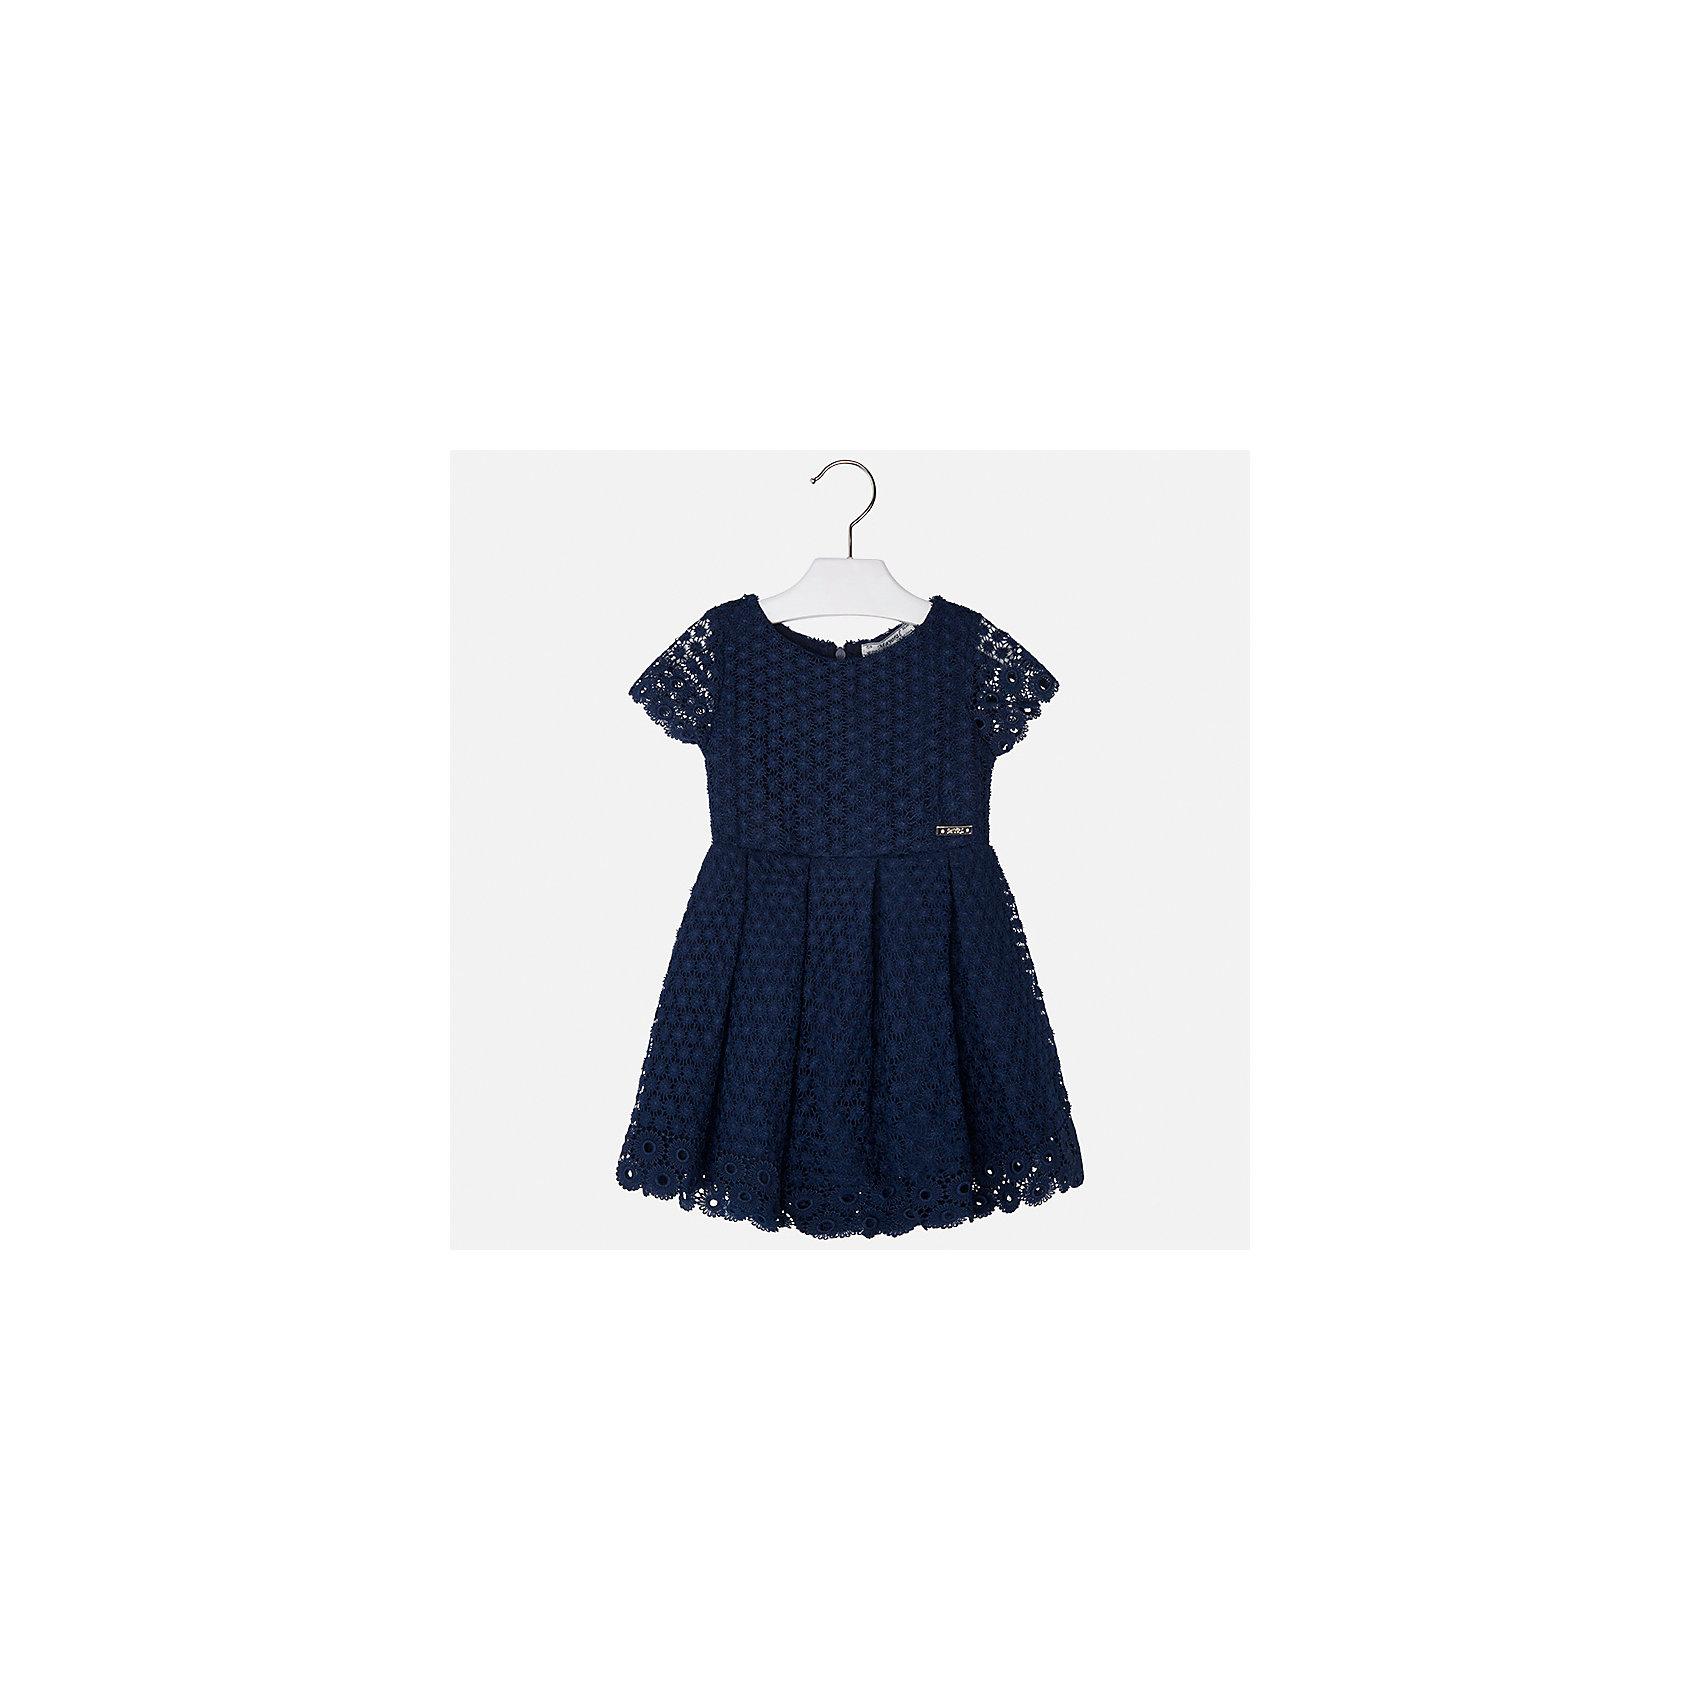 Платье для девочки MayoralХарактеристики товара:<br><br>• цвет: темно-синий<br>• состав: 100% полиэстер, подкладка - 80% полиэстер, 20% хлопок<br>• застежка: молния<br>• легкий материал<br>• ажурная ткань верха<br>• короткие рукава<br>• с подкладкой<br>• страна бренда: Испания<br><br>Красивое легкое платье для девочки поможет разнообразить гардероб ребенка и создать эффектный наряд. Оно подойдет и для торжественных случаев, может быть и как ежедневный наряд. Красивый оттенок позволяет подобрать к вещи обувь разных расцветок. В составе материала подкладки - натуральный хлопок, гипоаллергенный, приятный на ощупь, дышащий. Платье хорошо сидит по фигуре.<br><br>Одежда, обувь и аксессуары от испанского бренда Mayoral полюбились детям и взрослым по всему миру. Модели этой марки - стильные и удобные. Для их производства используются только безопасные, качественные материалы и фурнитура. Порадуйте ребенка модными и красивыми вещами от Mayoral! <br><br>Платье для девочки от испанского бренда Mayoral (Майорал) можно купить в нашем интернет-магазине.<br><br>Ширина мм: 236<br>Глубина мм: 16<br>Высота мм: 184<br>Вес г: 177<br>Цвет: синий<br>Возраст от месяцев: 96<br>Возраст до месяцев: 108<br>Пол: Женский<br>Возраст: Детский<br>Размер: 134,98,104,110,116,122,128<br>SKU: 5291076